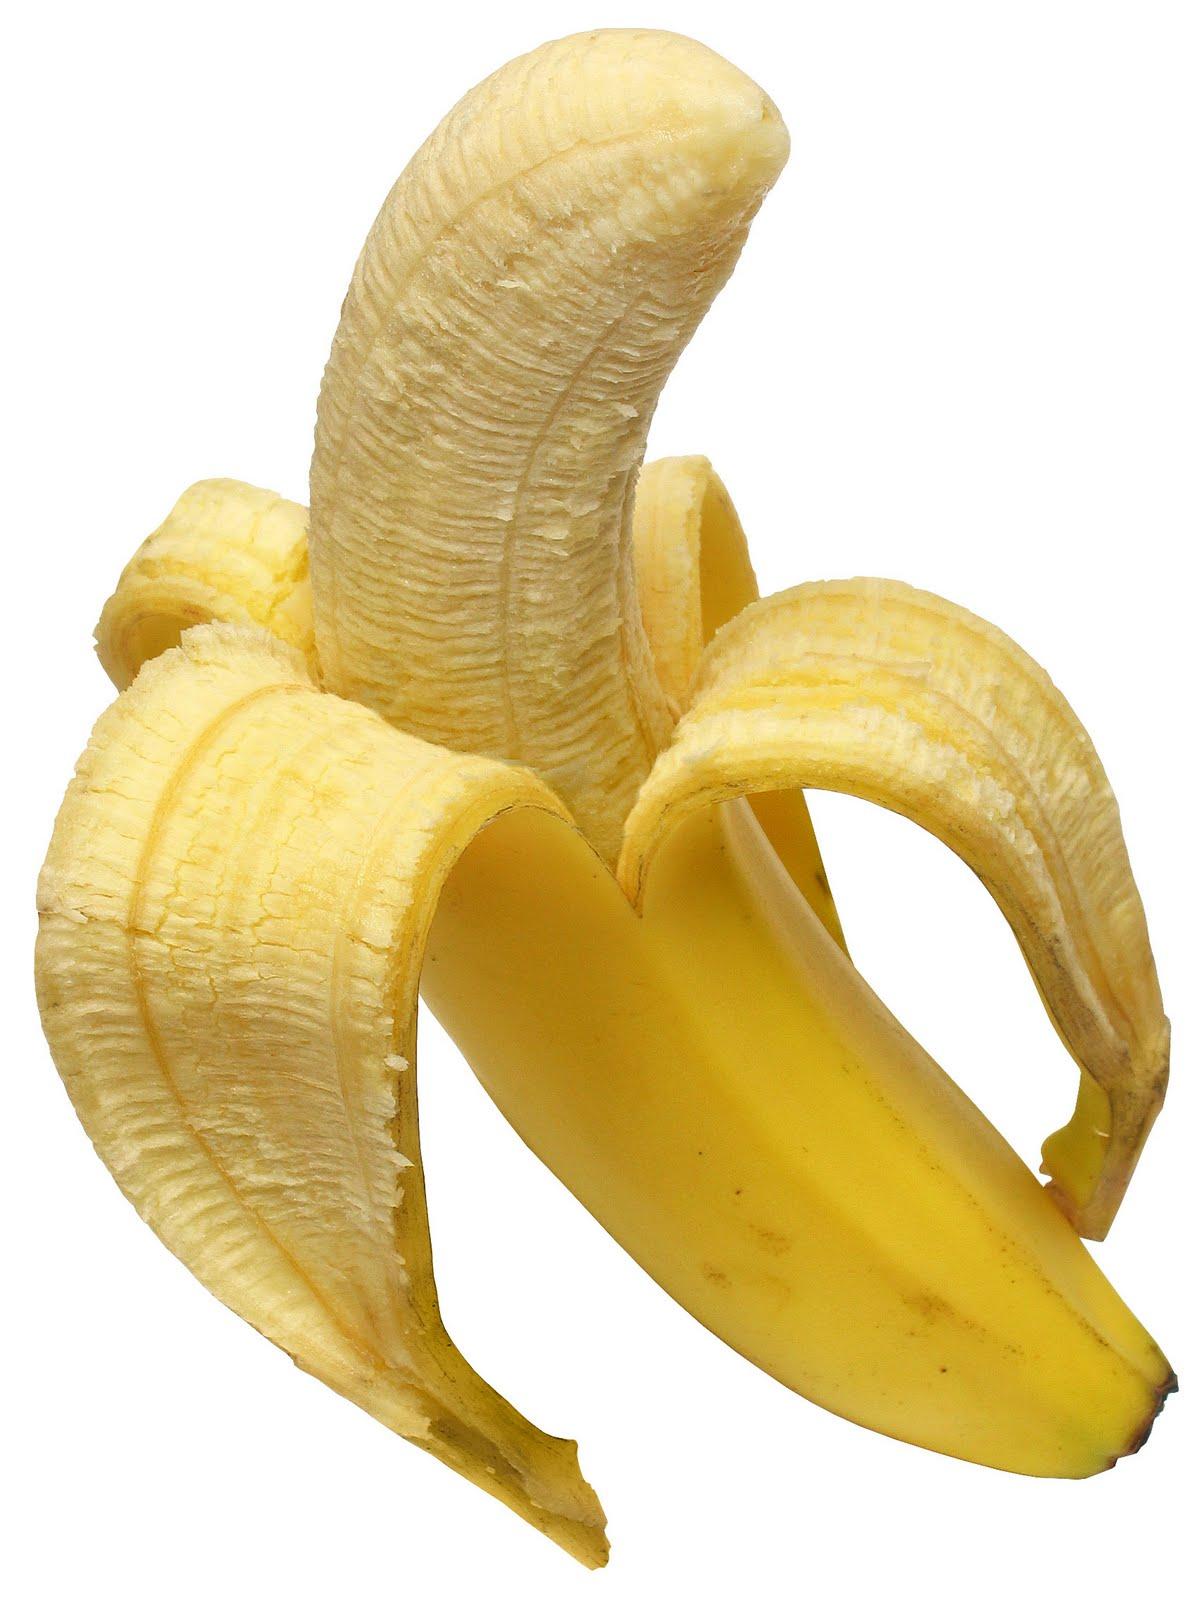 Peeled banana photo